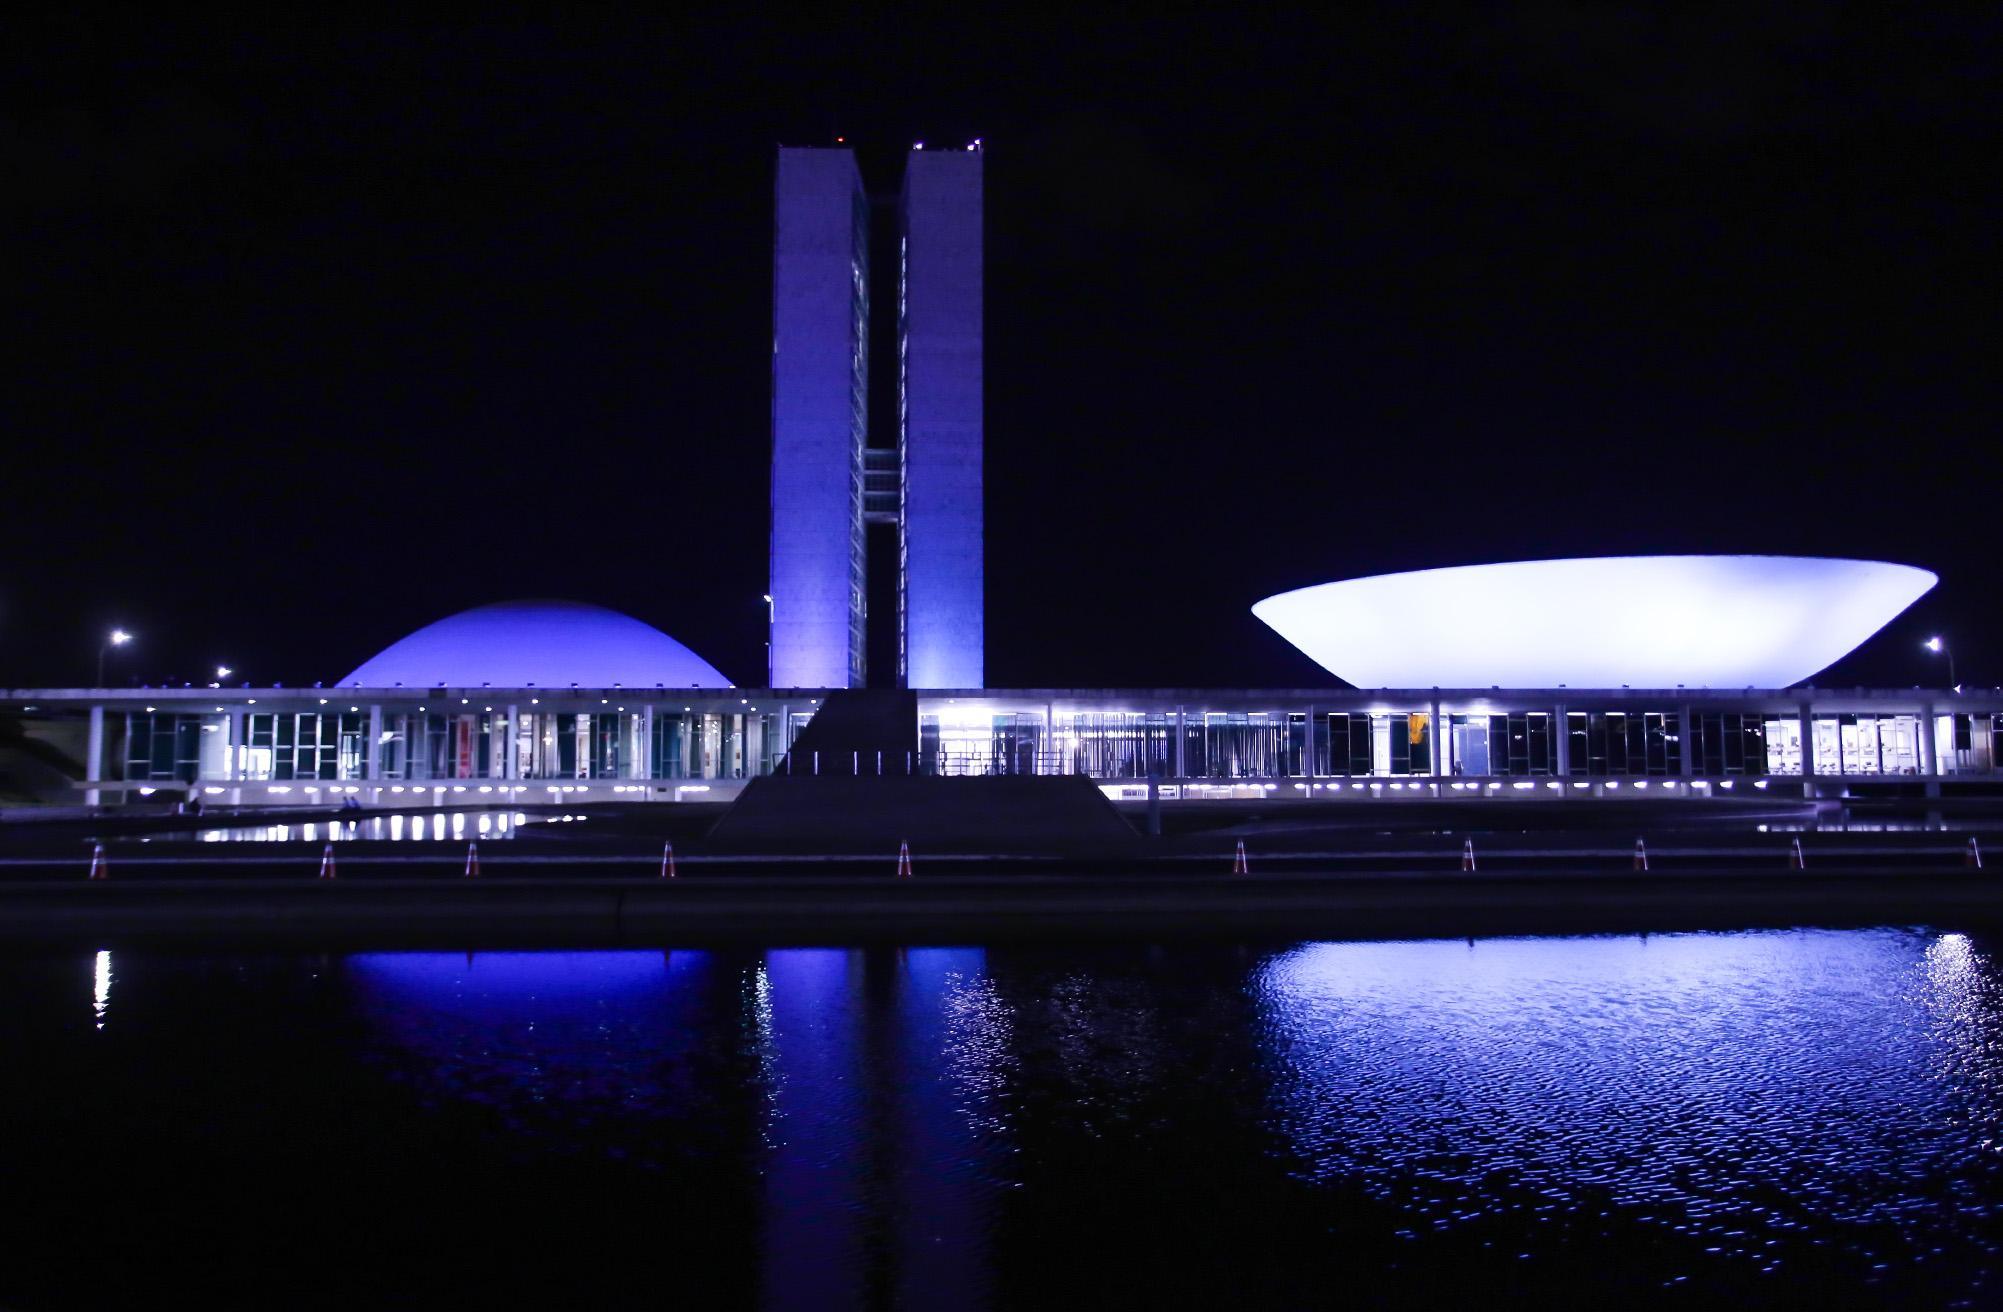 As cúpulas do Senado Federal e da Câmara dos Deputados estarão iluminadas na cor azul, de 10 a 15 de setembro, em referência ao Mês da Conscientização Internacional da Charcot-Marie-Tooth, doença degenerativa que afeta o sistema nervoso. A solicitação para essa iluminação foi feita pelos gabinetes do presidente da Câmara dos Deputados, Rodrigo Maia (DEM-RJ), e da deputada federal Mara Gabrilli (PSDB-SP)